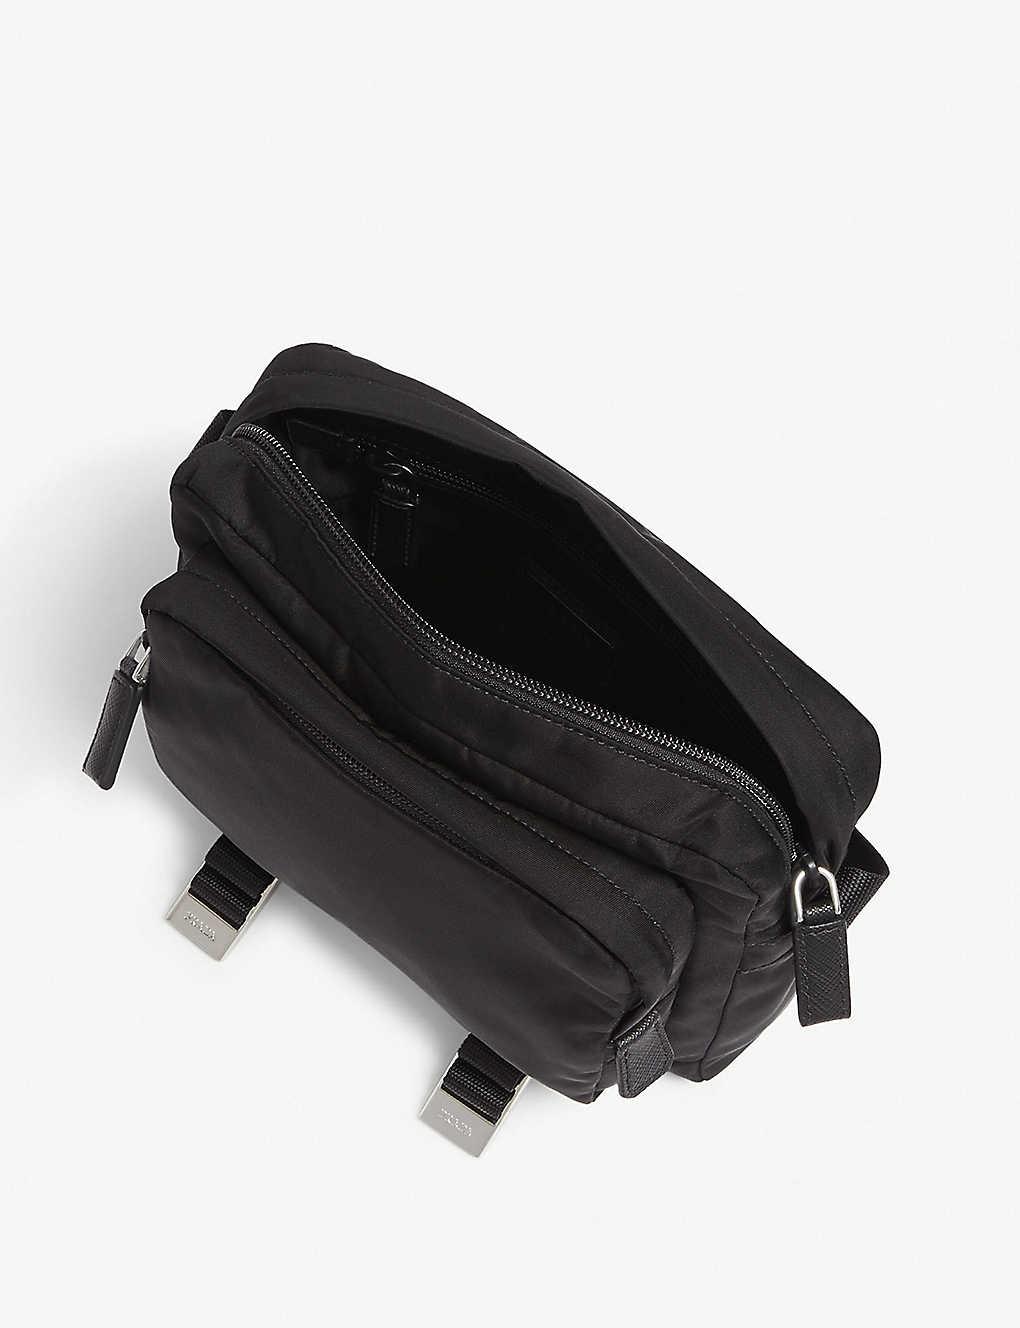 d5e8860544f4 PRADA - Tessuto Montagna nylon camera bag   Selfridges.com